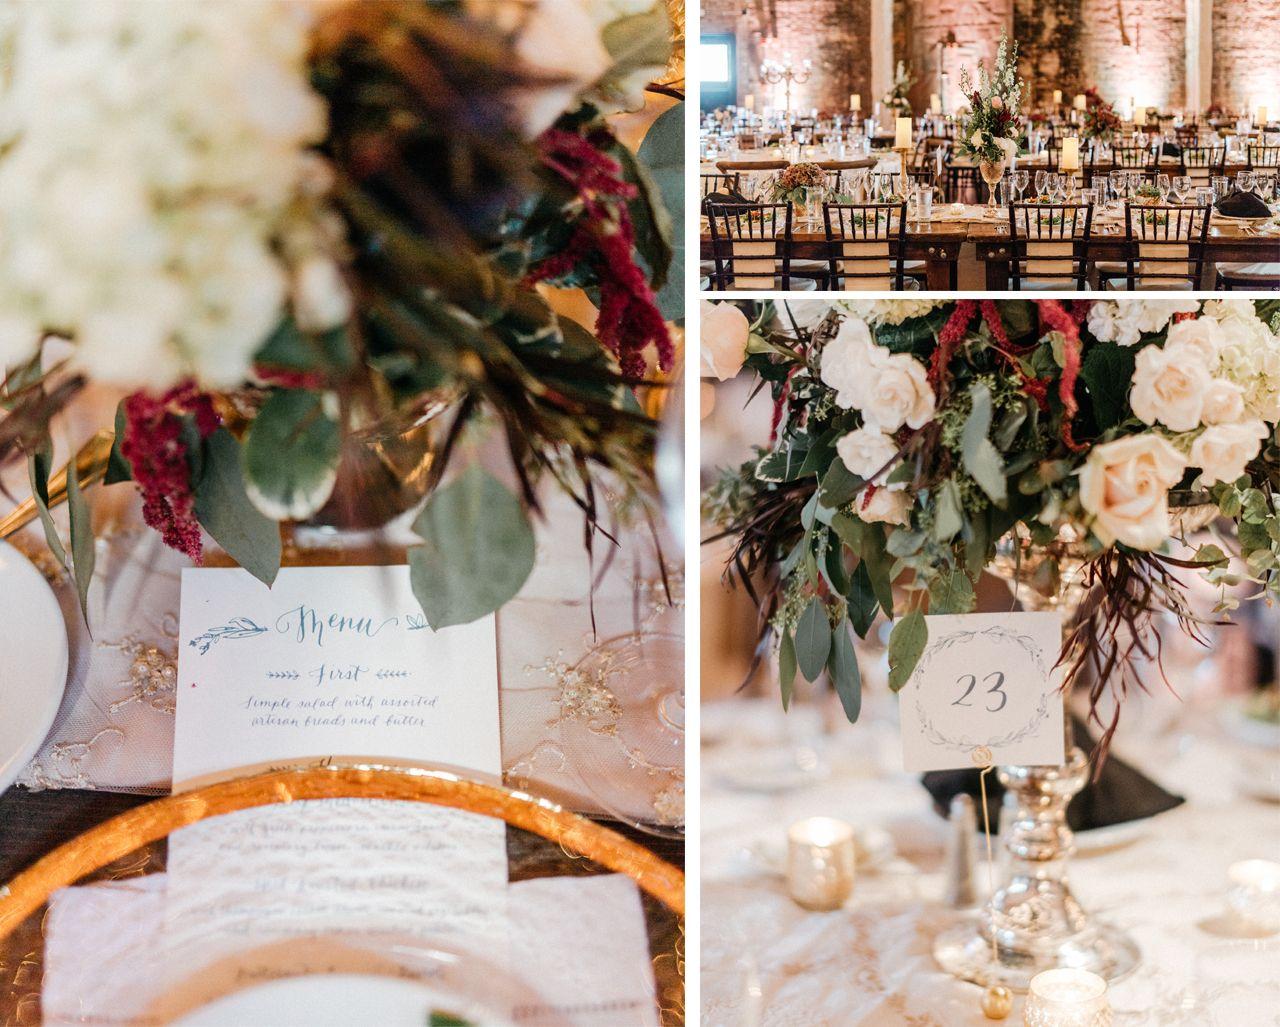 Sedie Matrimonio ~ Urbanloftinspiration candele sedie bianche matrimonio simbolico